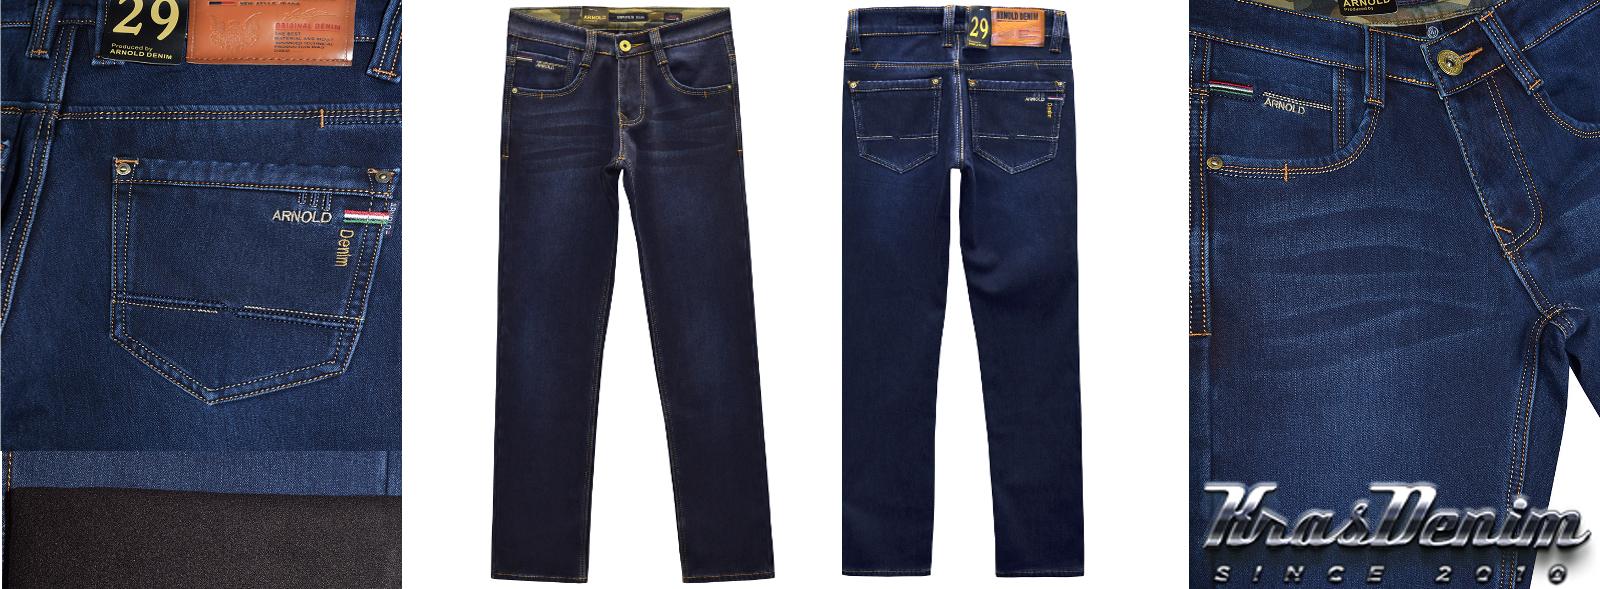 Добавила много новинок по джинсам - мужские утепленные, бойфренды, подростковые на флисе, комбезы - все в начале галерей